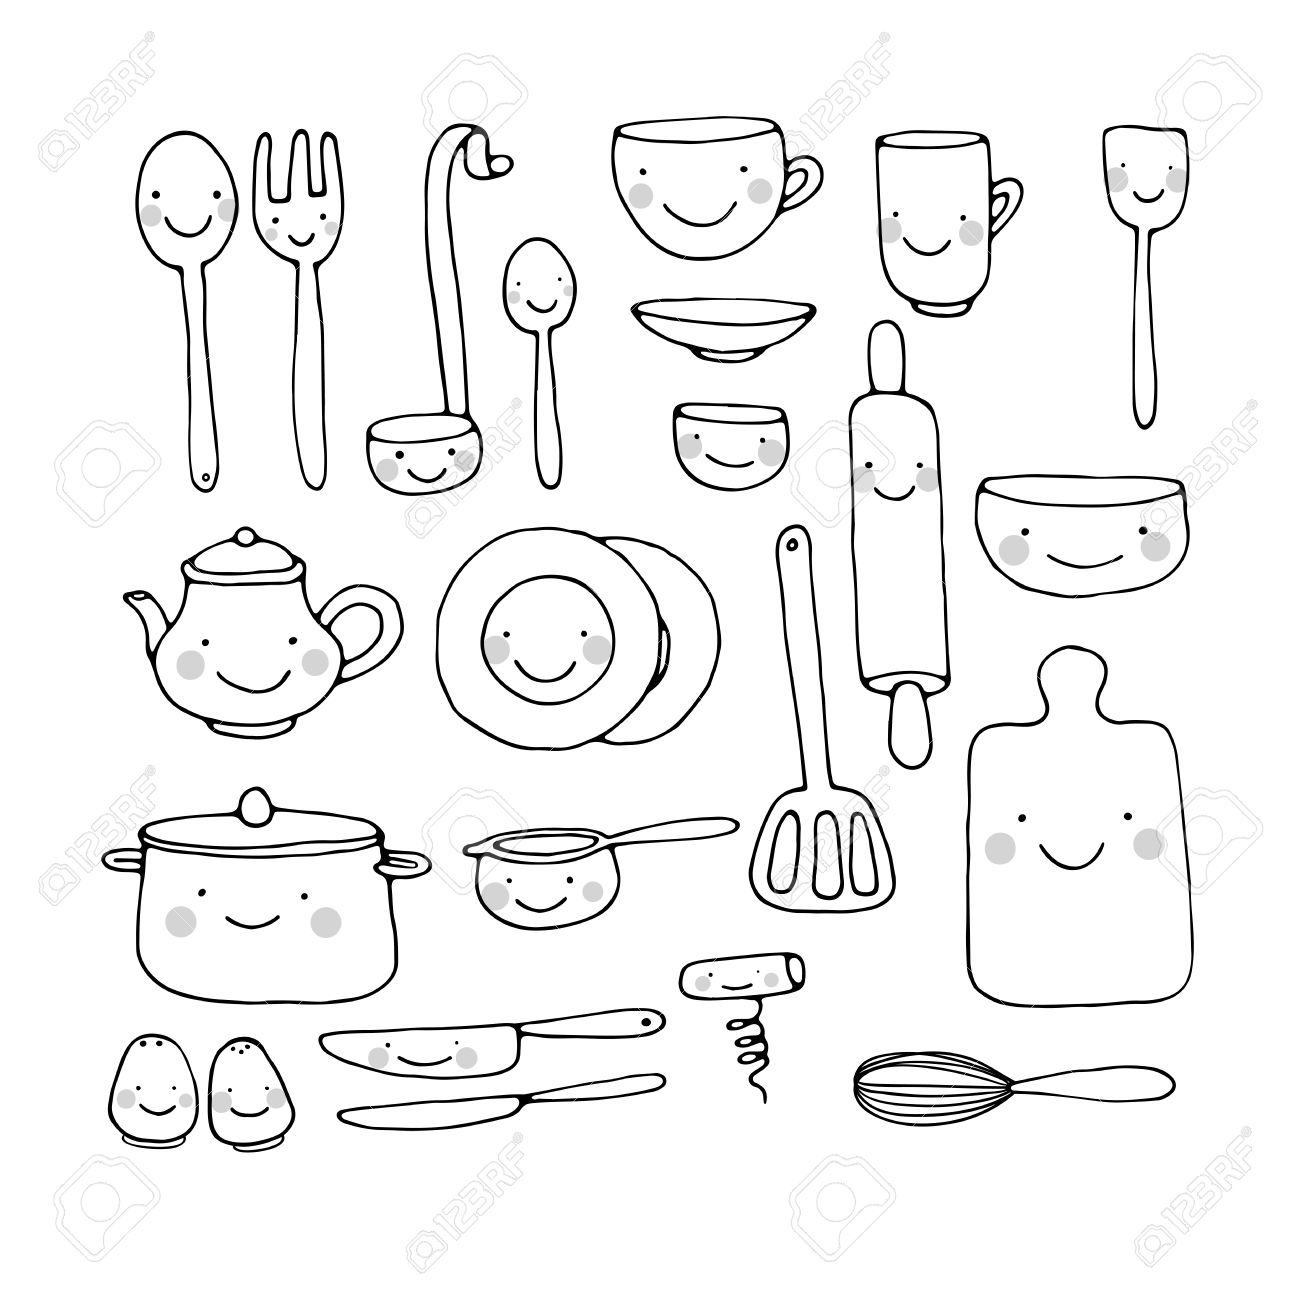 Dibujos De Cocina | Un Conjunto De Utensilios De Cocina Dibujo A Mano Aislado Objetos